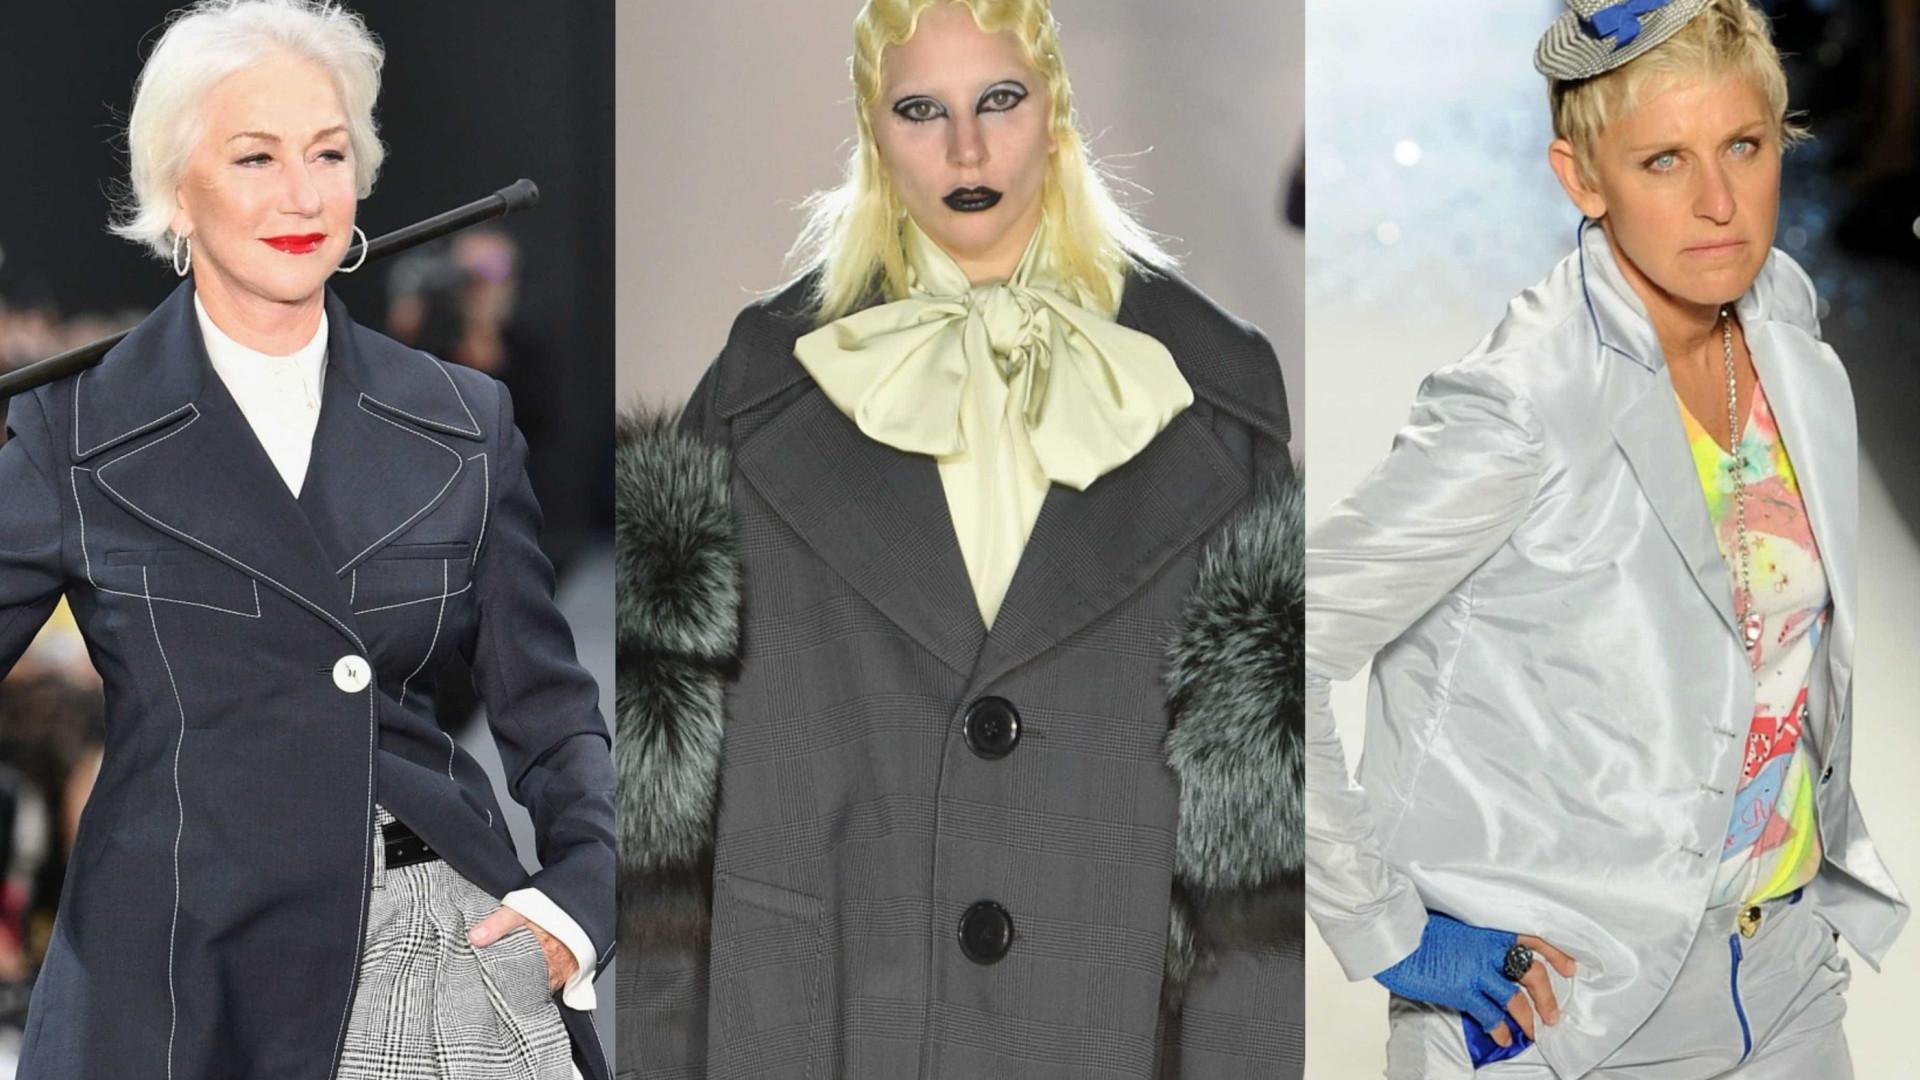 44aee783f Confira a galeria que se segue e veja quem foram os famosos que aceitaram o  desafio de experimentar o mundo da moda!